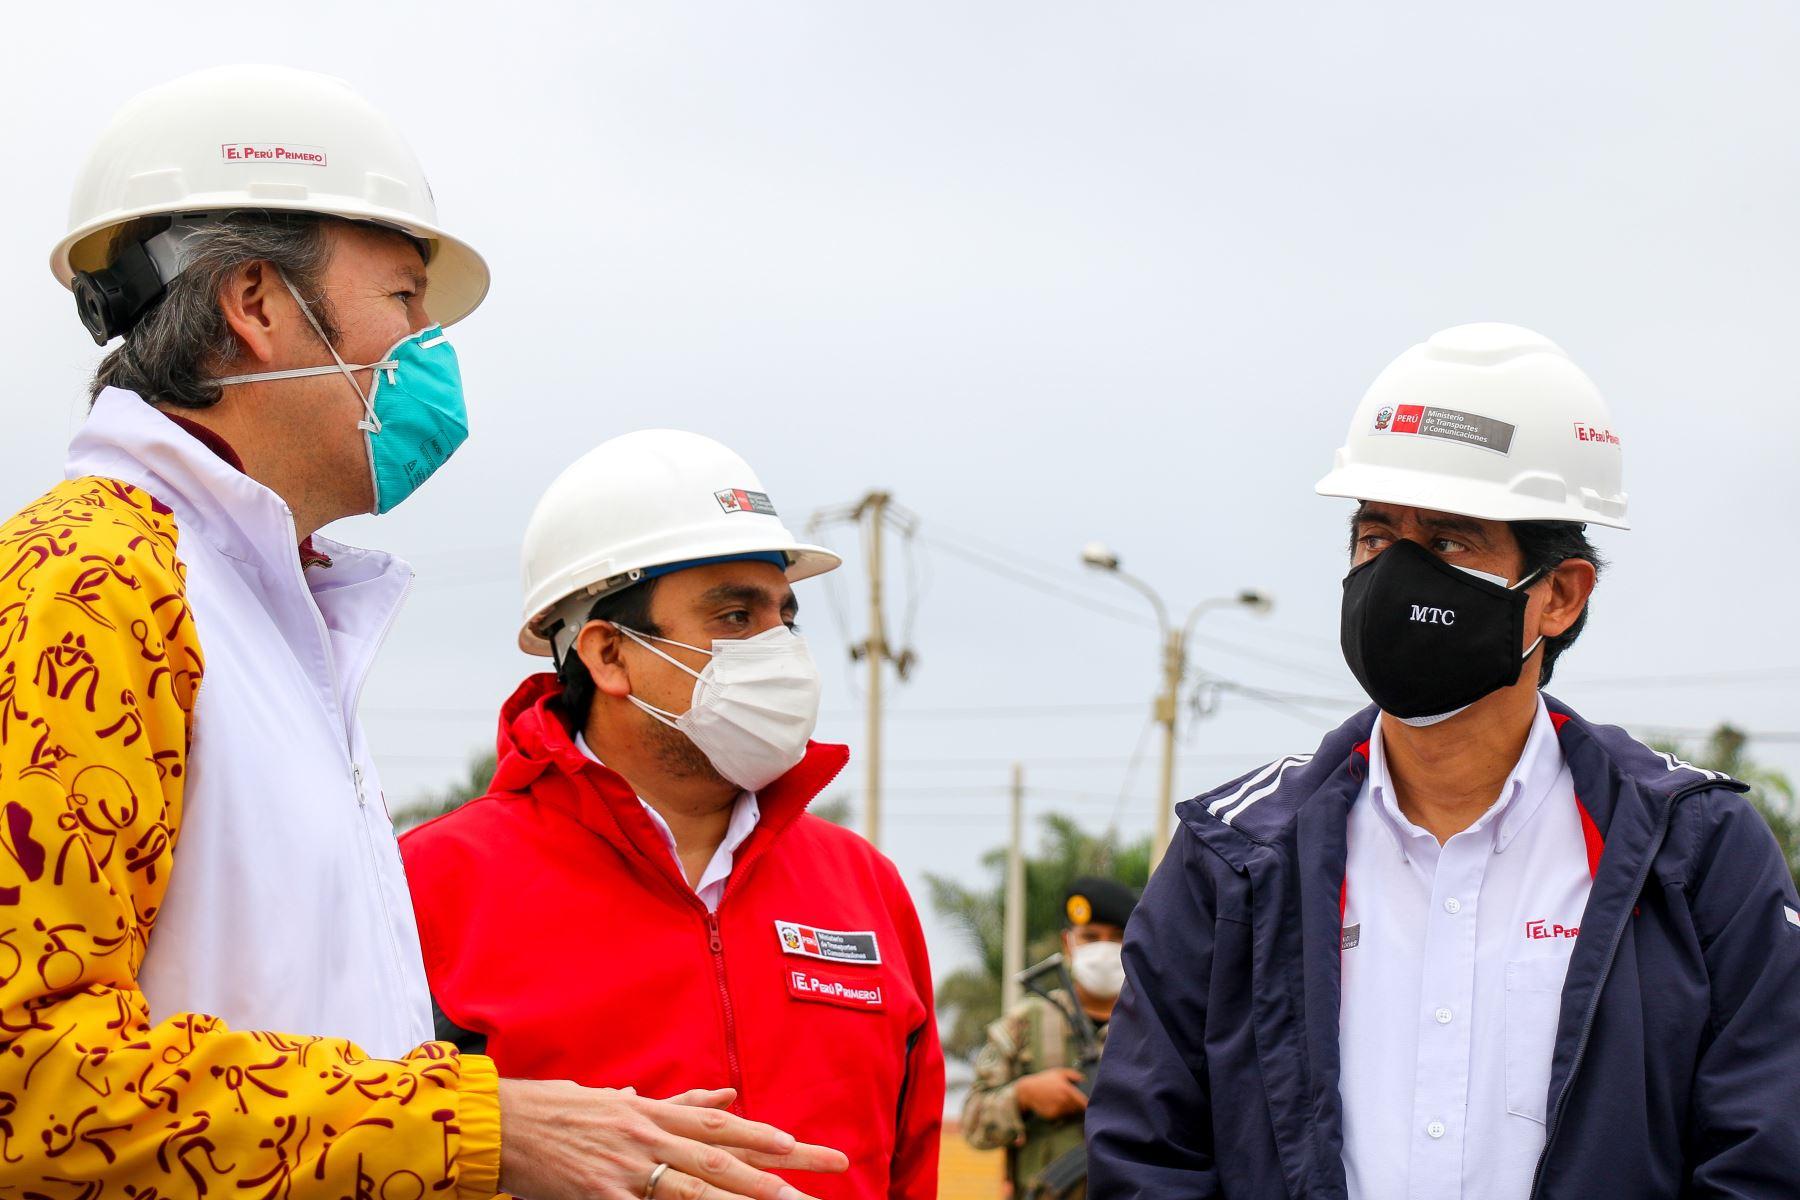 Ministro de Transportes Carlos Lozada estuvo acompañado del viceministro Carlos Estremadoyro, el Director Ejecutivo del proyecto Lima 2019, el Vice Gobernador de la Región Lima, y el alcalde Segundo Díaz. Foto: ANDINA/MTC